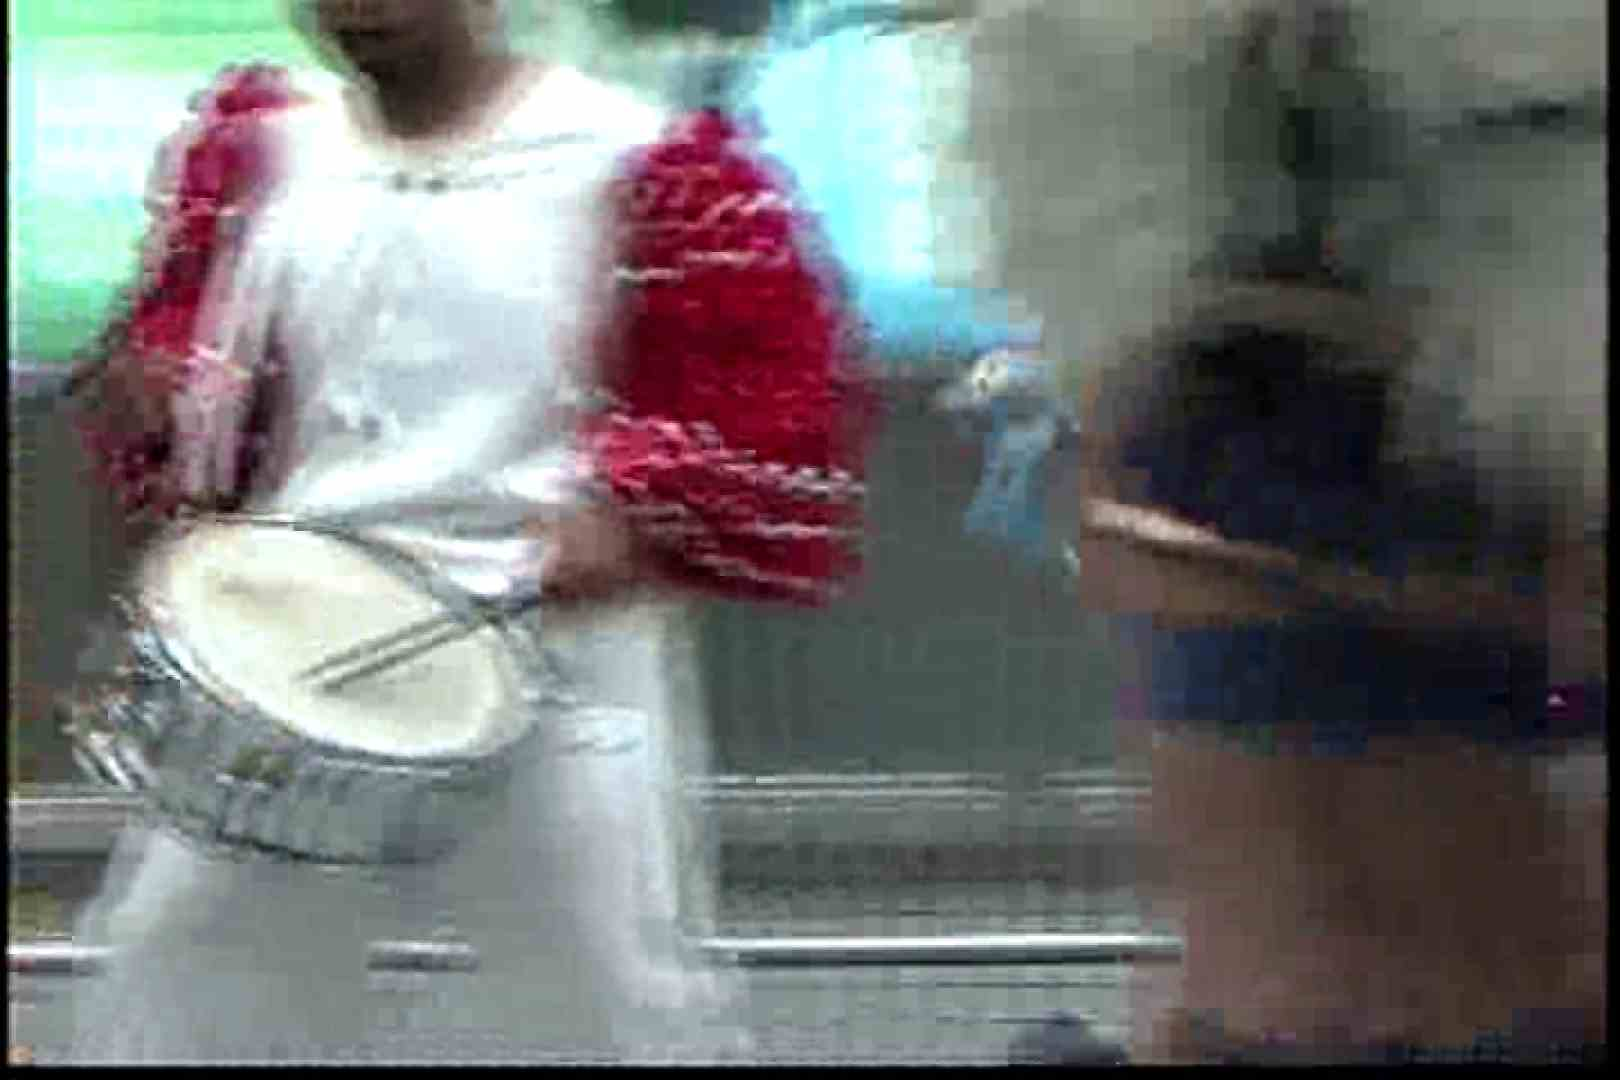 狂乱のサンバカーニバルVol.4 ギャルエロ画像 AV無料動画キャプチャ 113PICs 107